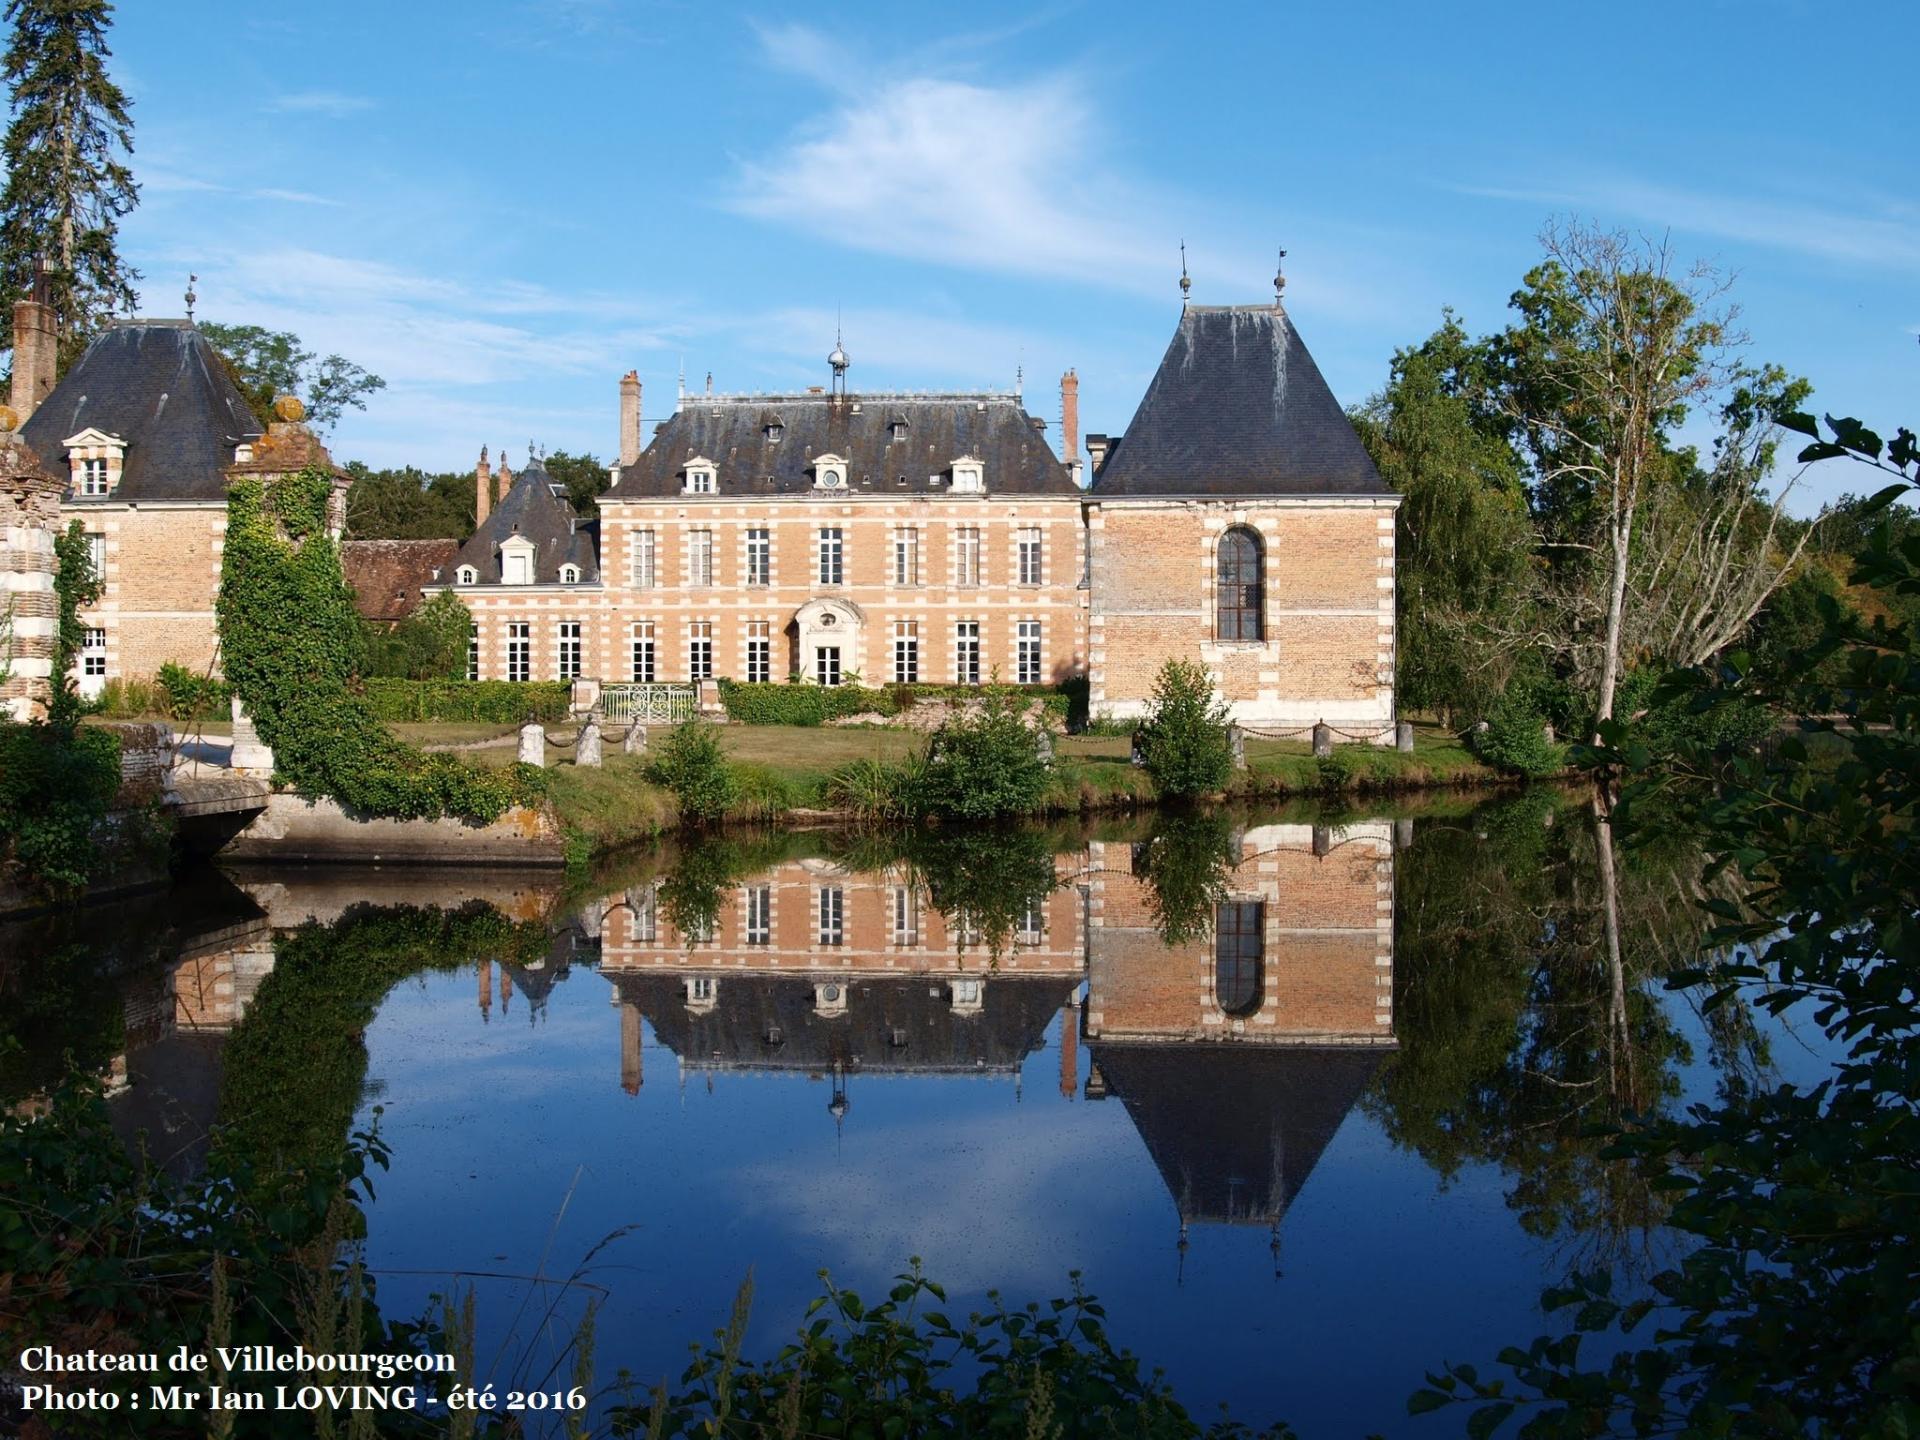 Chateau de Villebourgeon